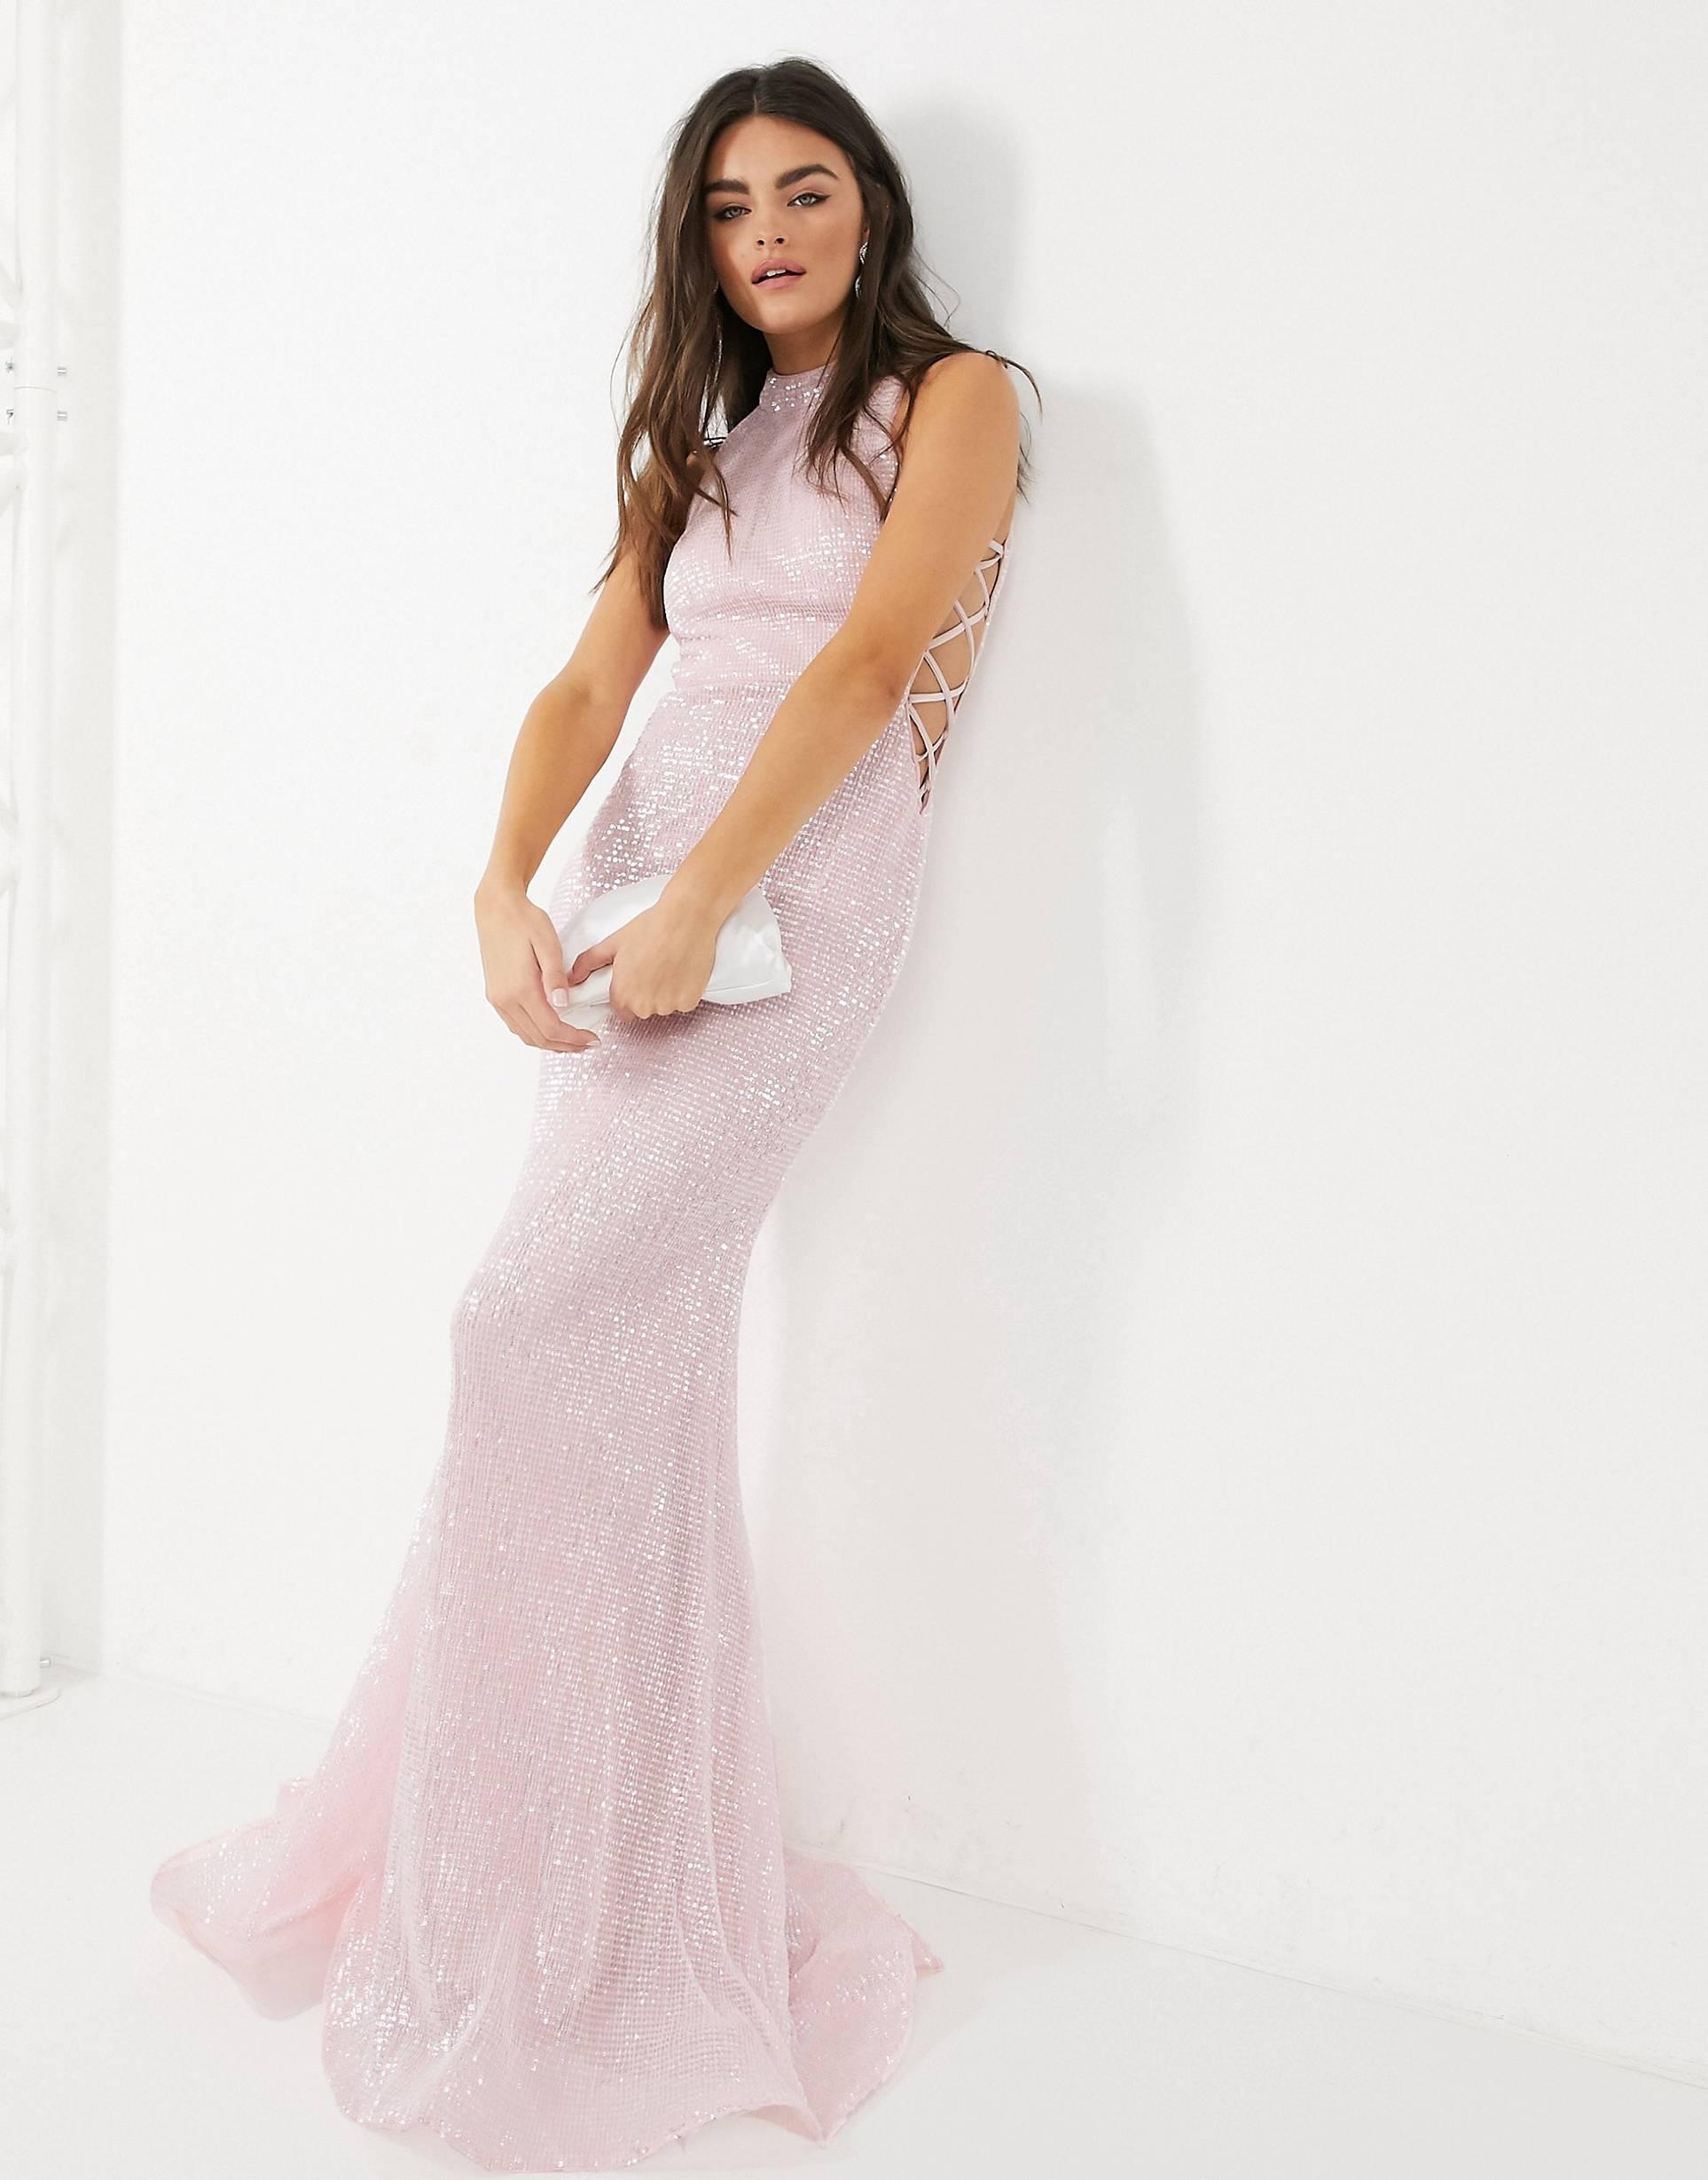 Vestido largo de lentejuelas en rosa con cuello subido.